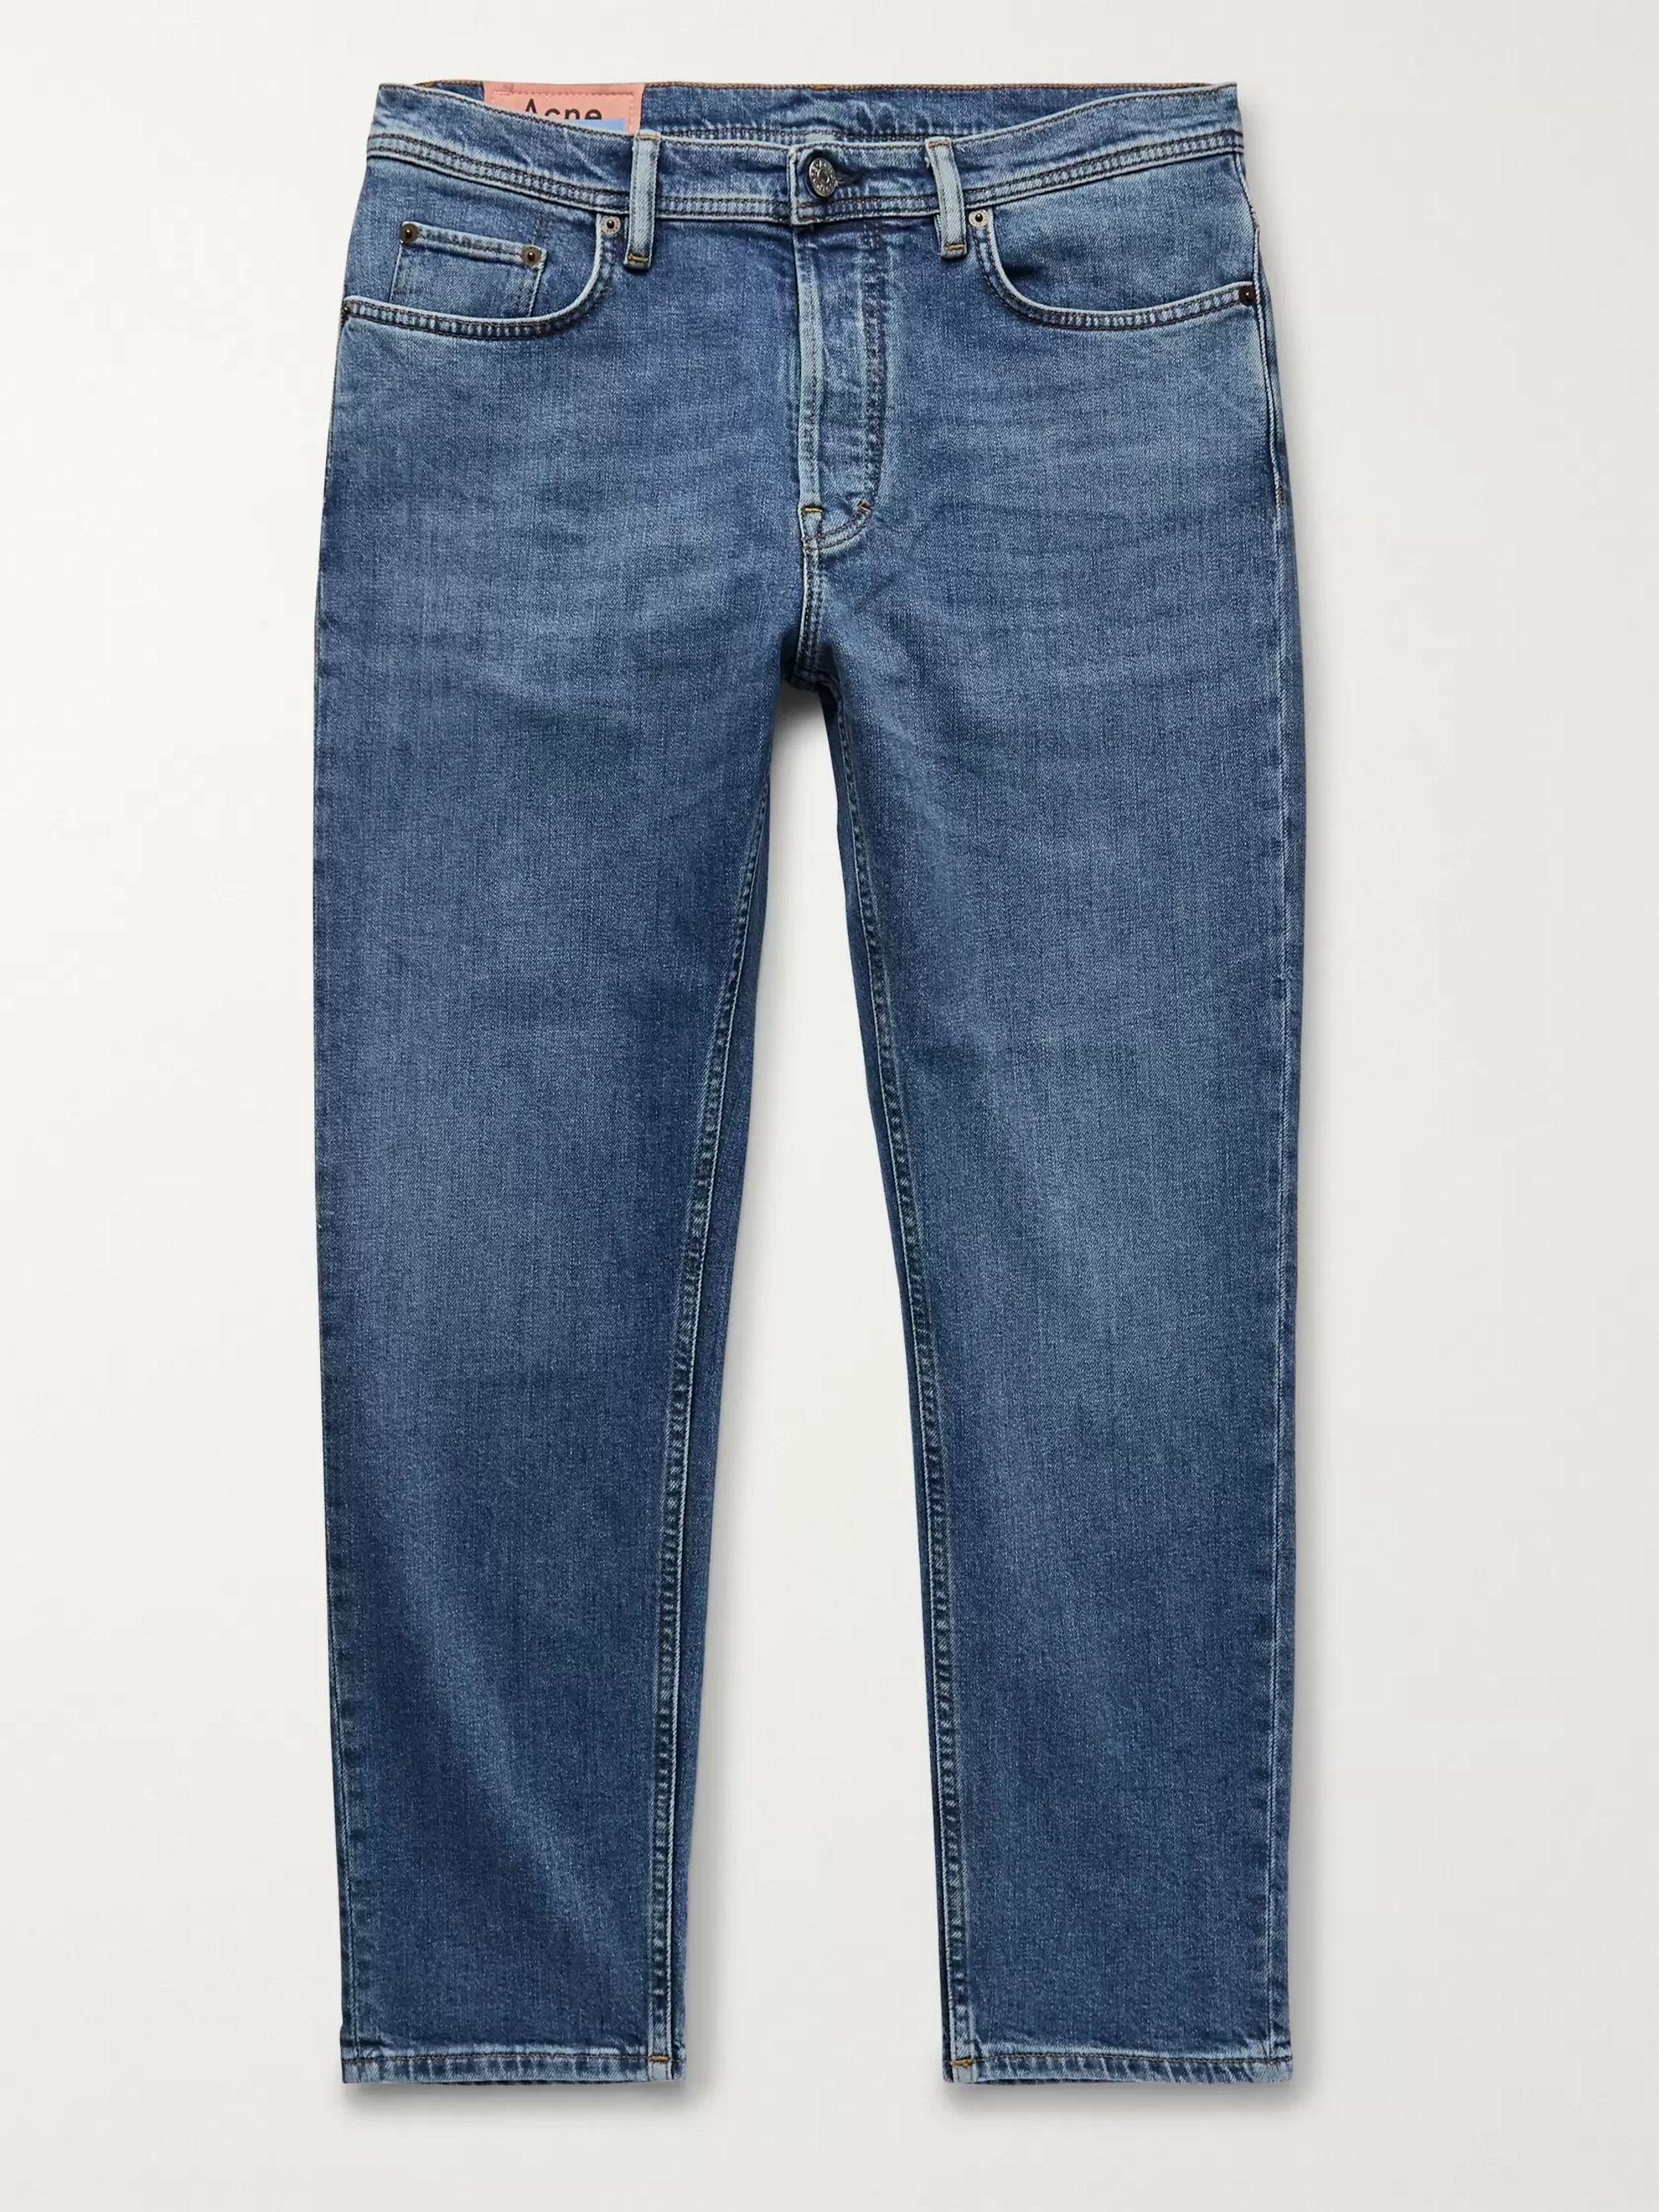 아크네 스튜디오 Acne Studios Blue Slim-Fit Tapered Stretch-Denim Jeans,Blue